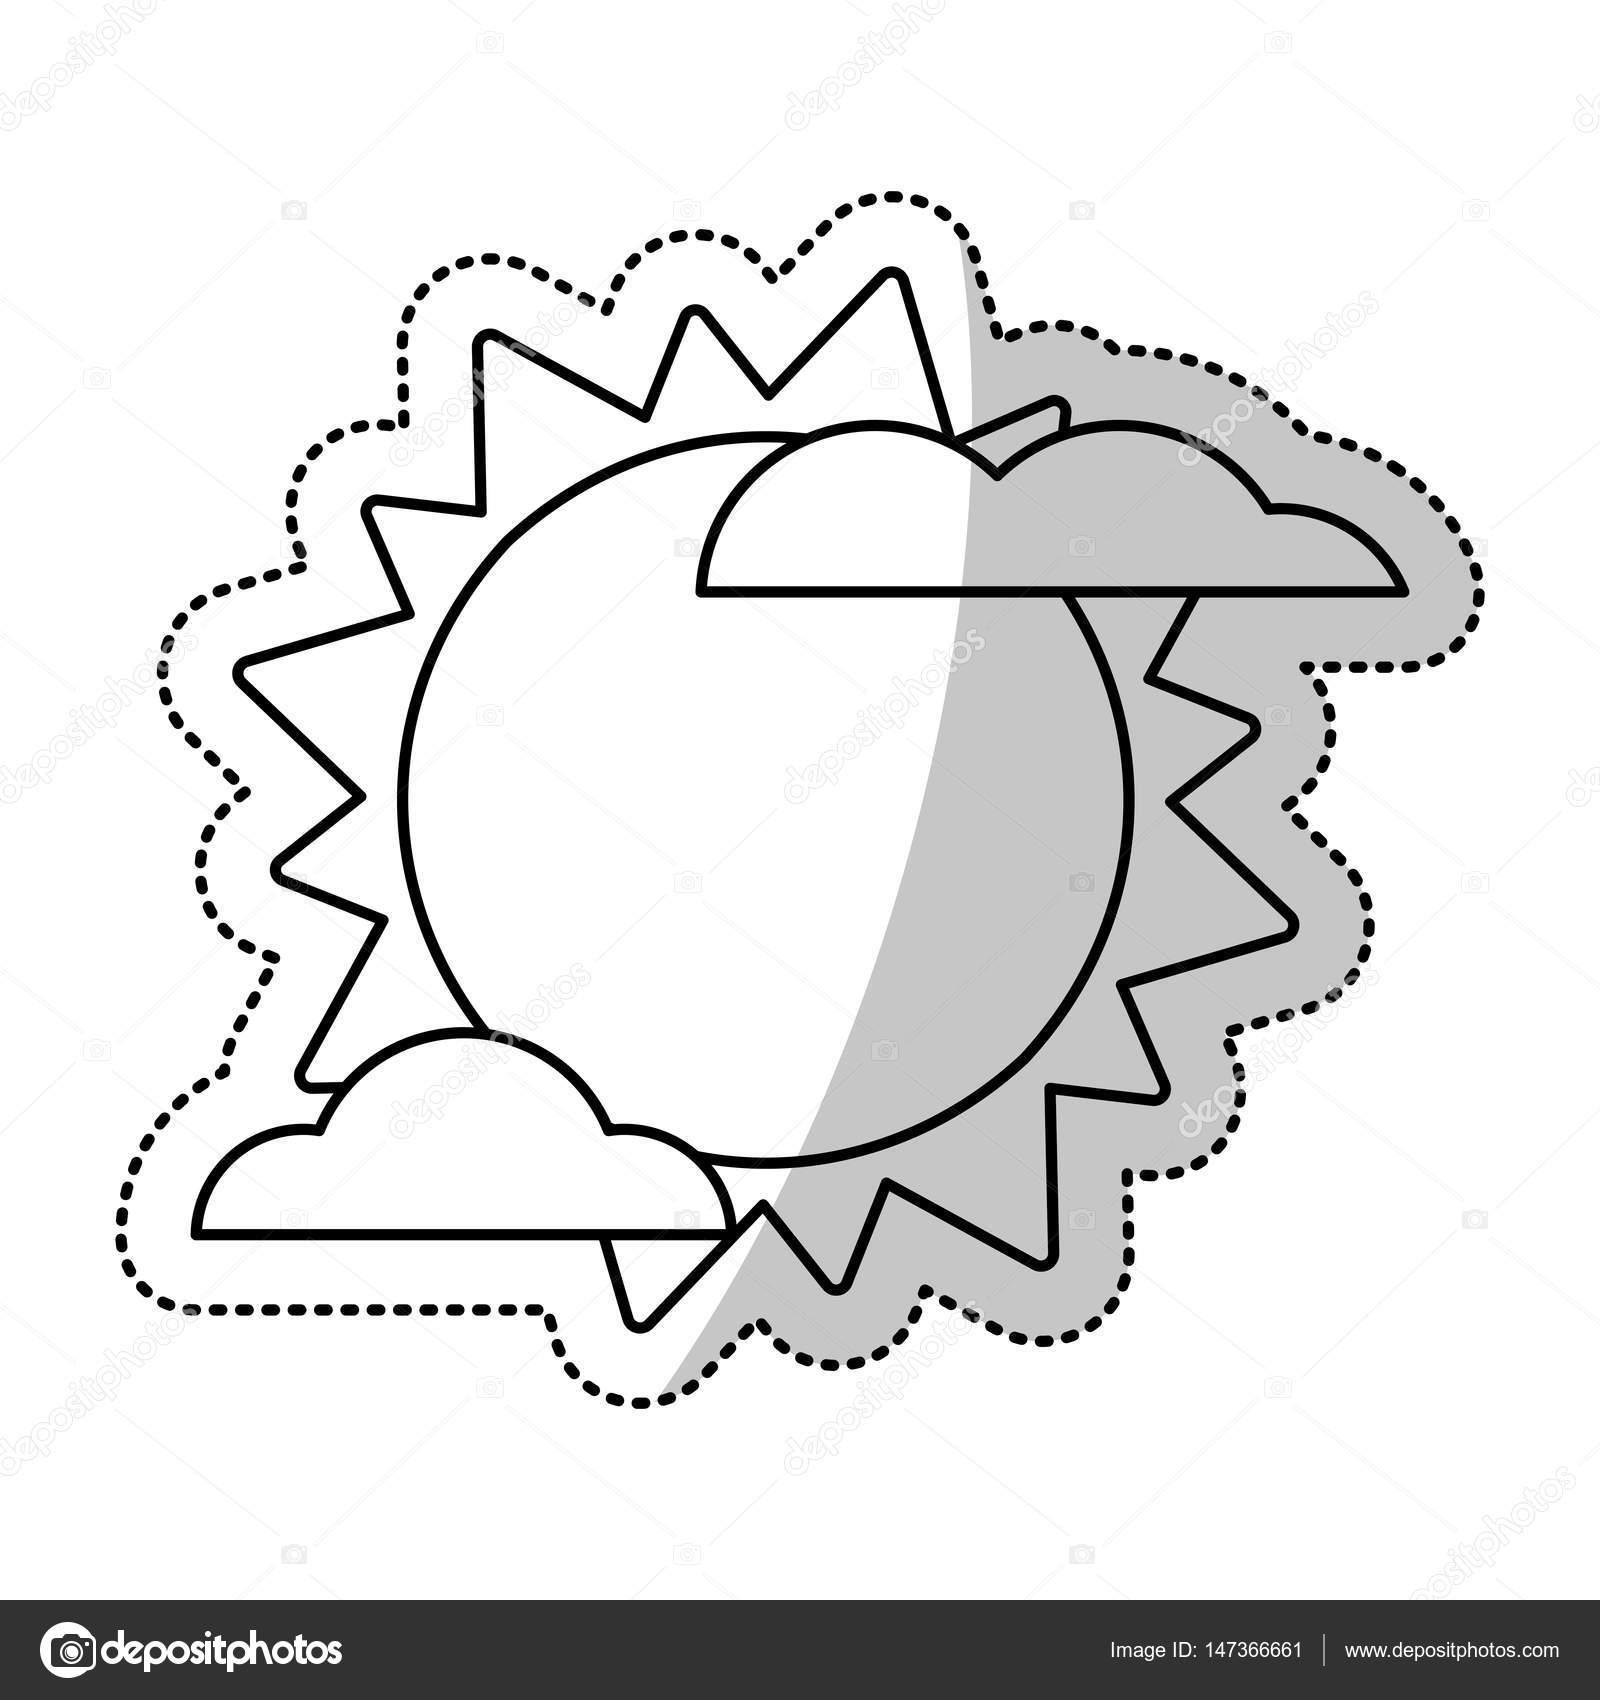 Słońce Chmura Weater Symbol Wytnij Wiersz Grafika